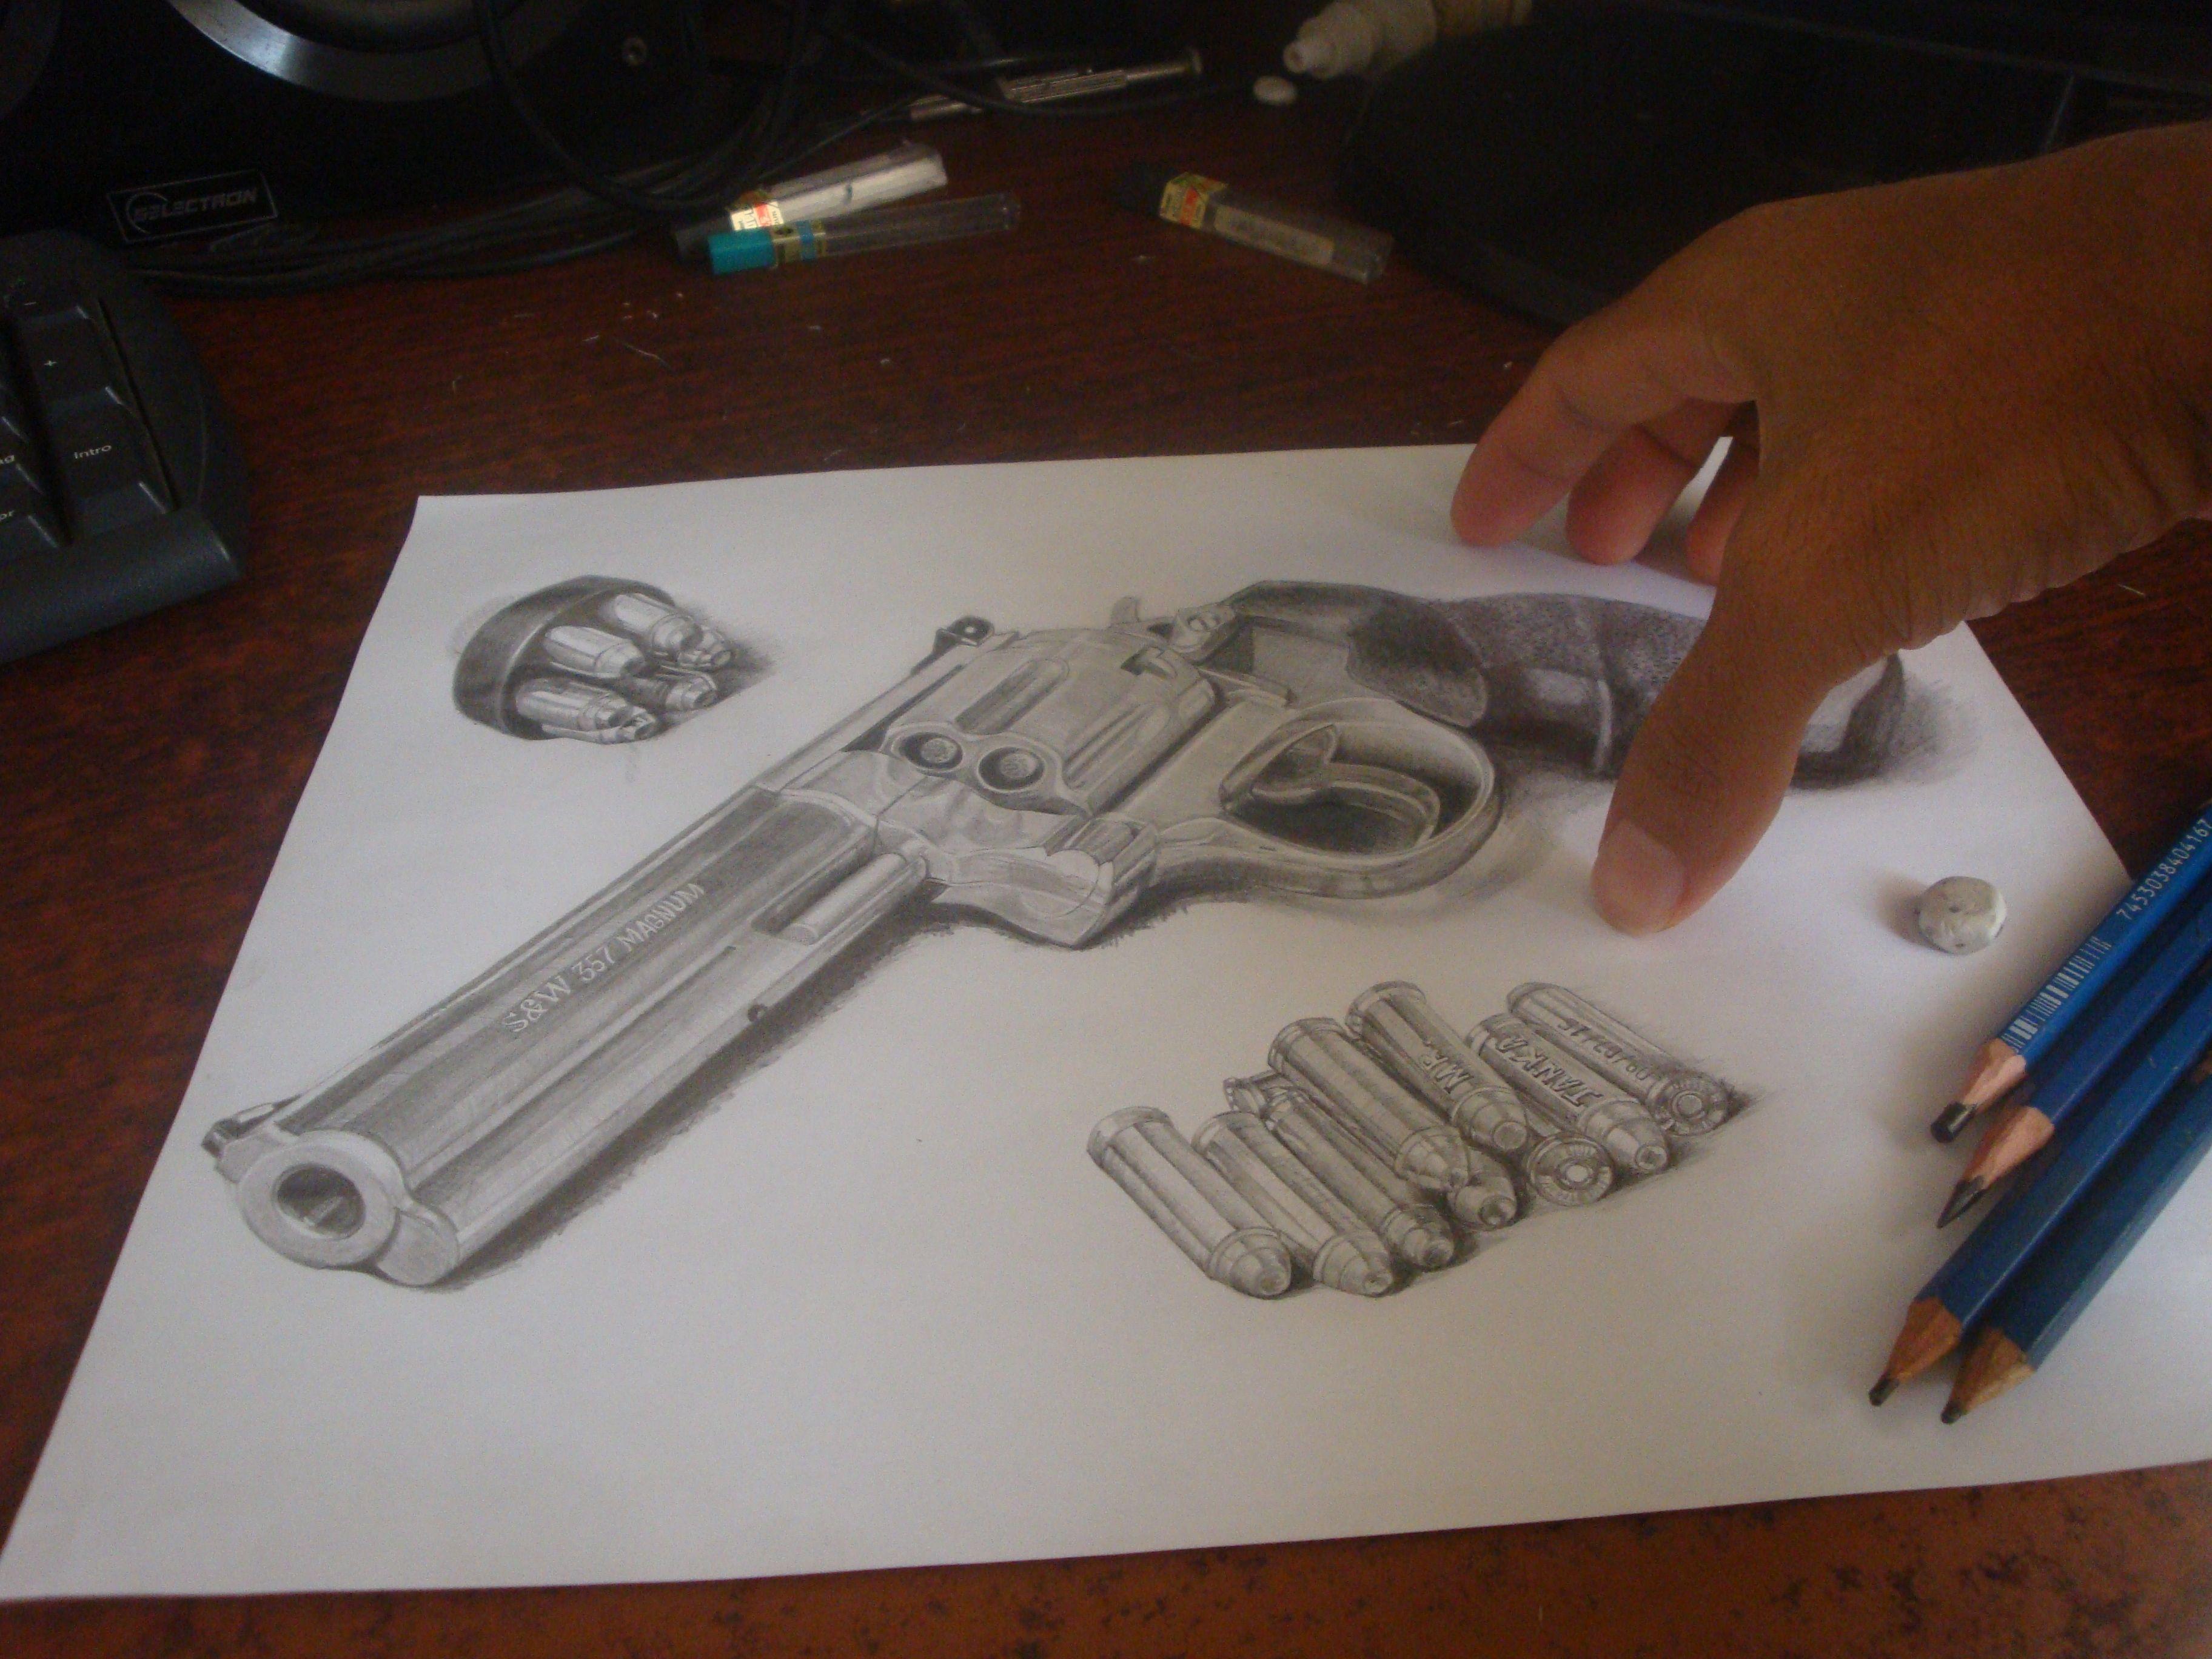 3648x2736 Smith Amp Wesson 357 Magnum Draw 3d Dibujos 357 Magnum